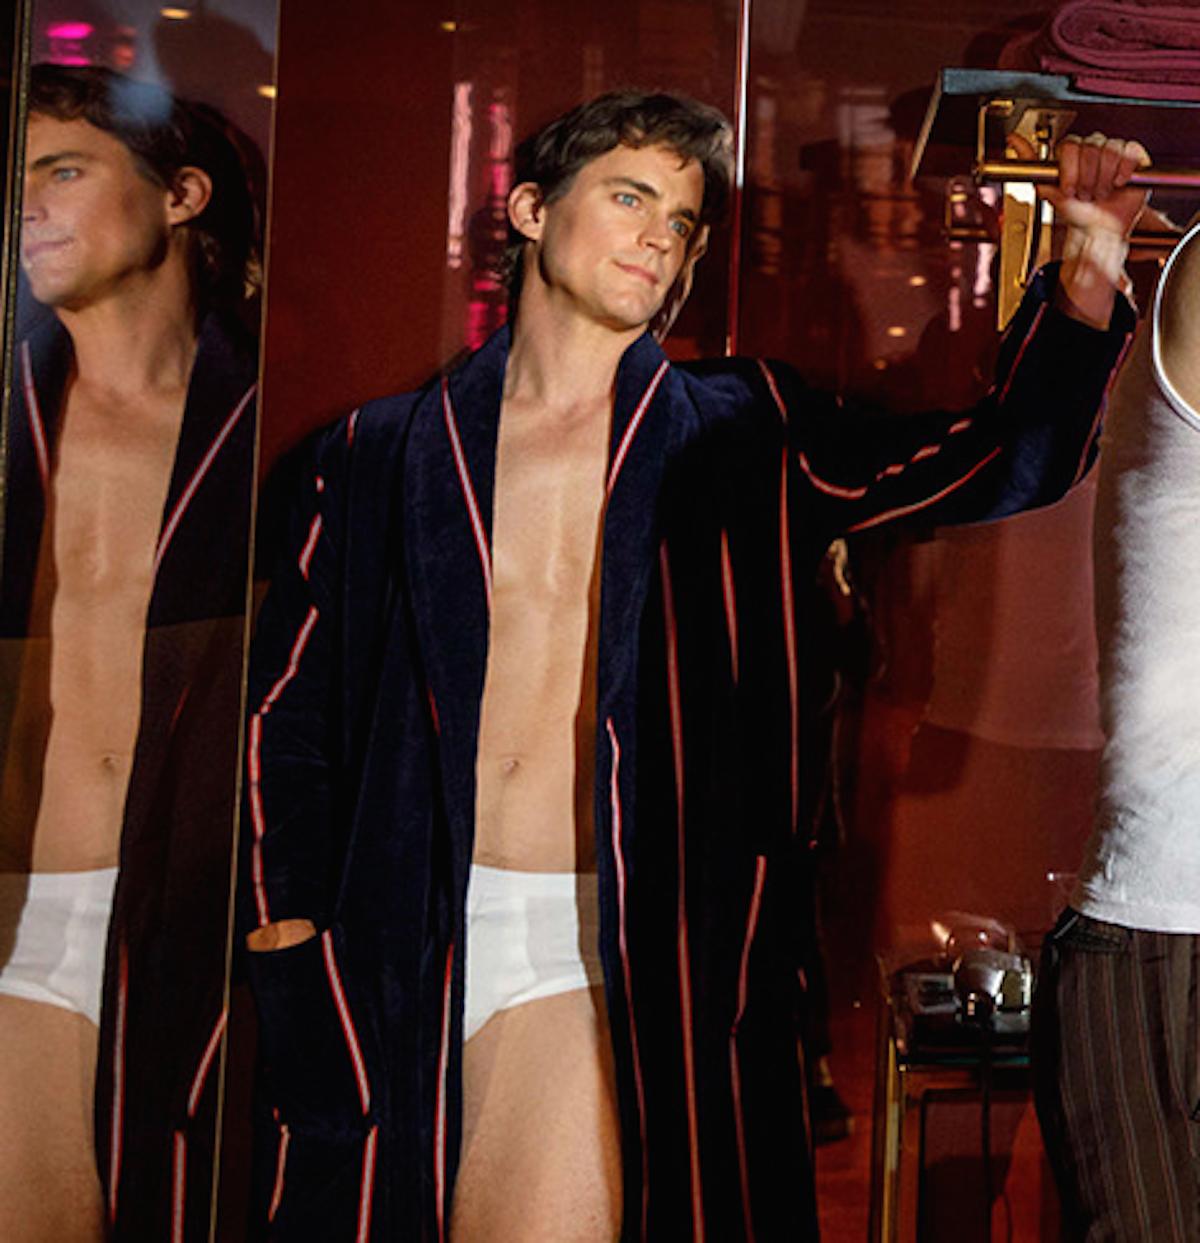 Matthew bomer nude Nude Photos 53